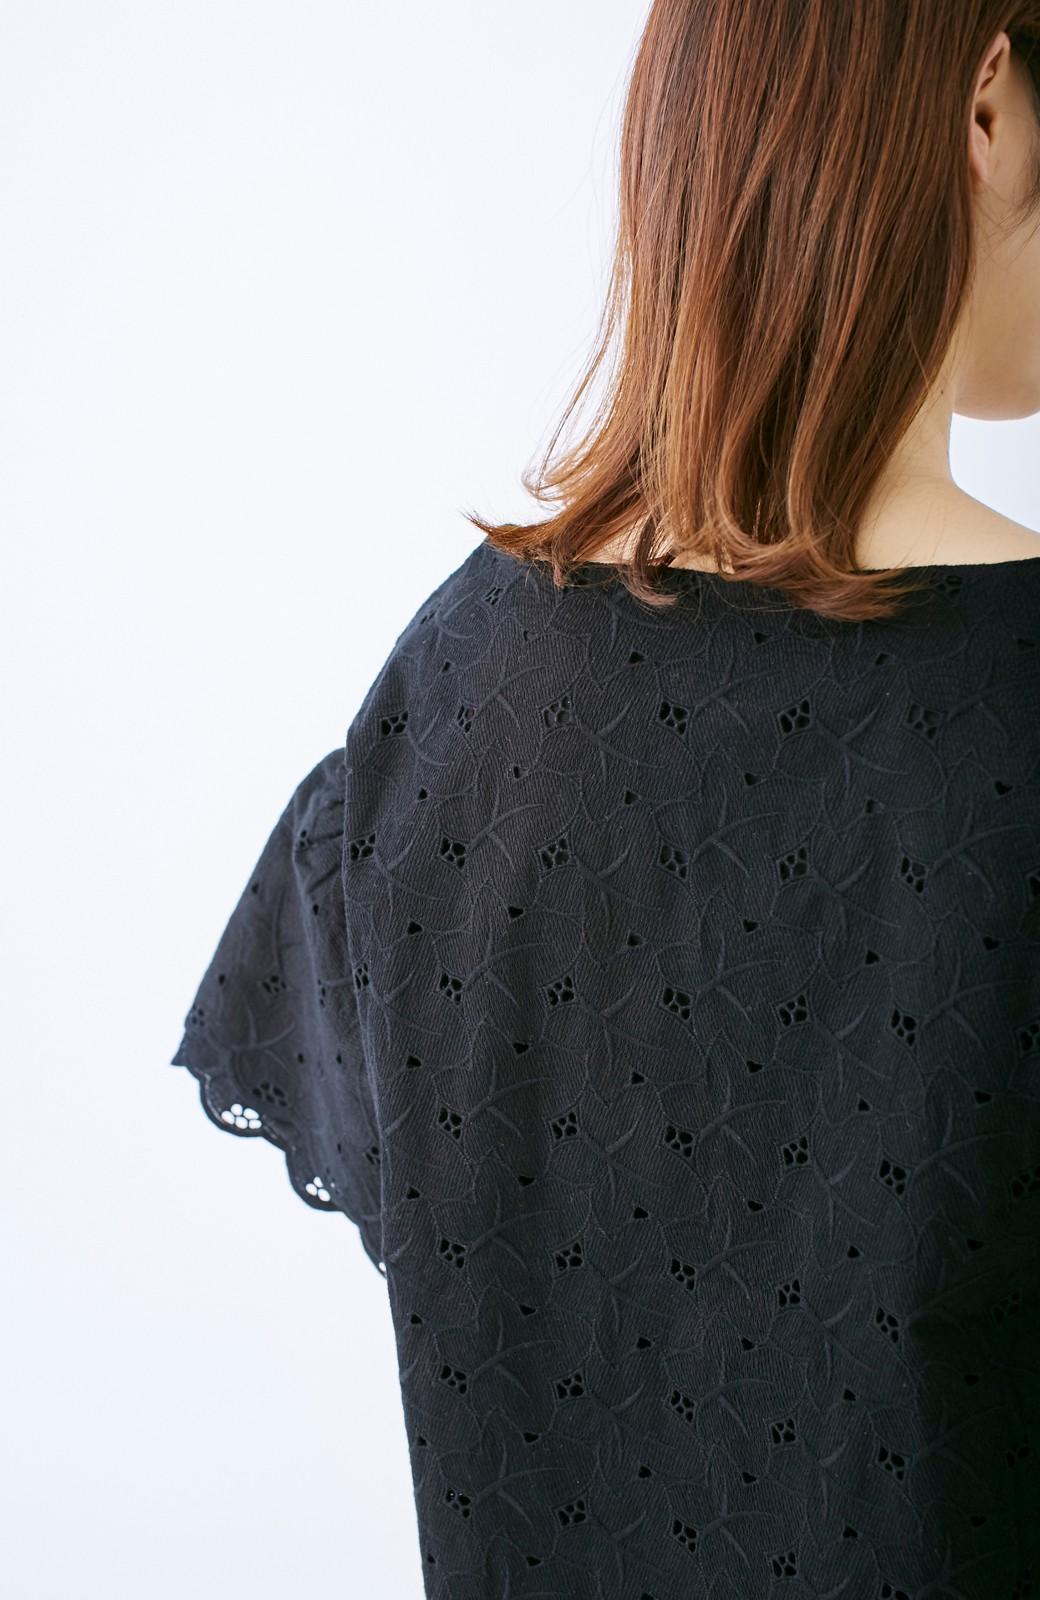 エムトロワ Tシャツ感覚で着られる フラワーレースのティアードスリーブトップス <ブラック>の商品写真11